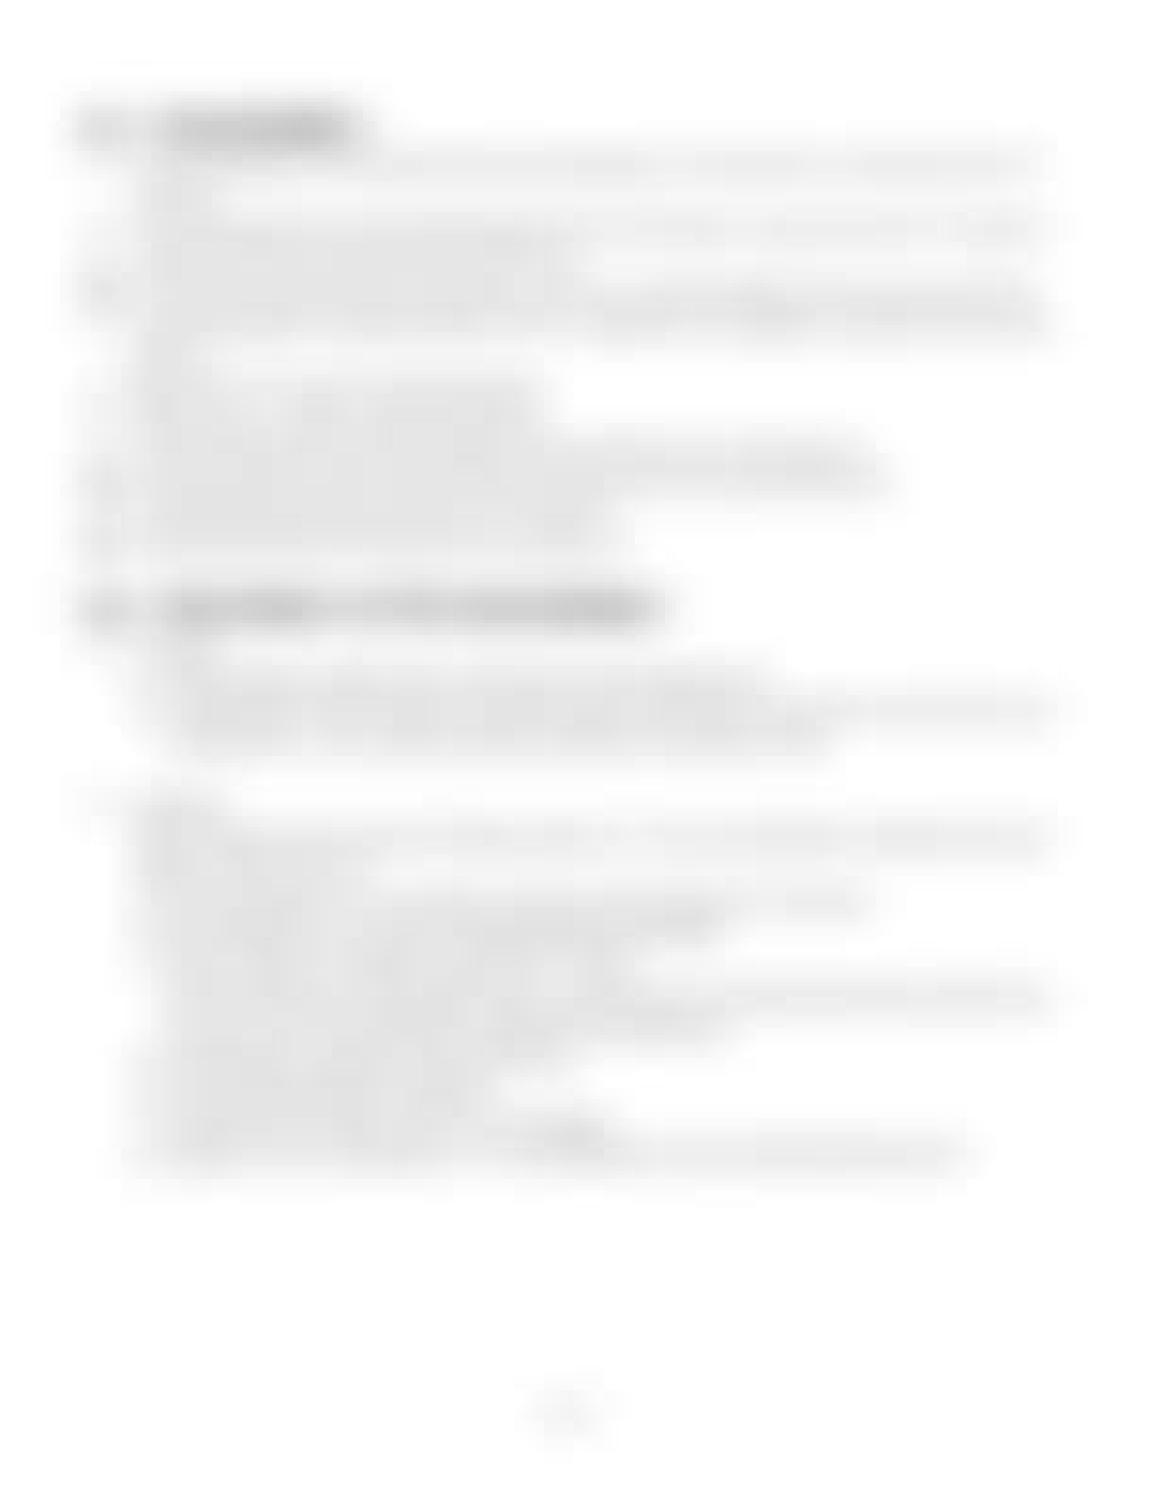 Hitachi LX110-7 LX130-7 LX160-7 LX190-7 LX230-7 Wheel Loader Workshop Manual - PDF DOWNLOAD page 274